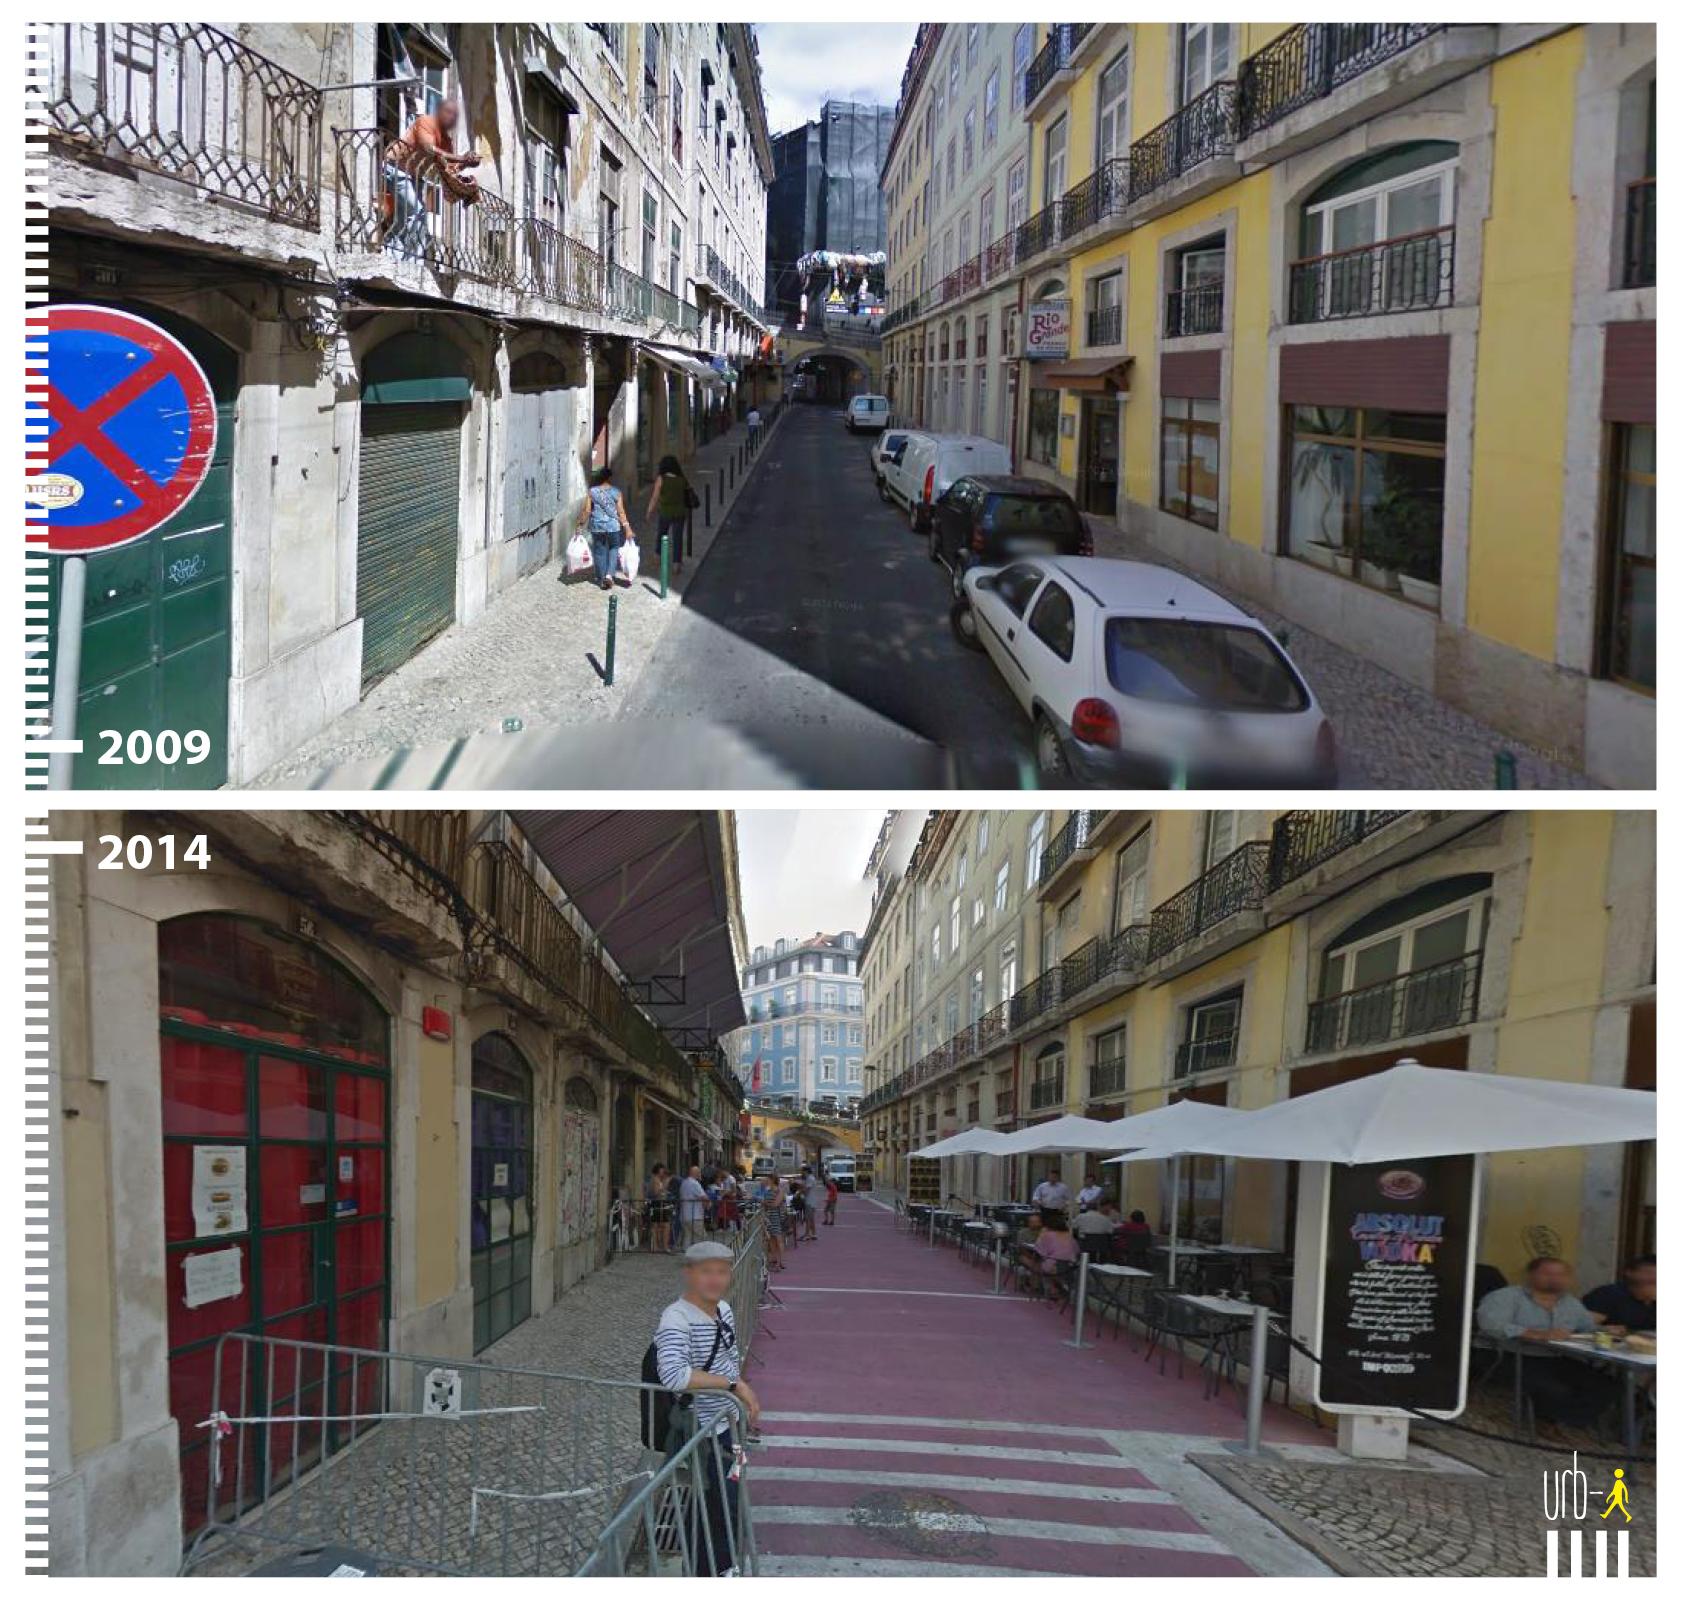 0037 PT Lisboa  R. Nova do Carvalho